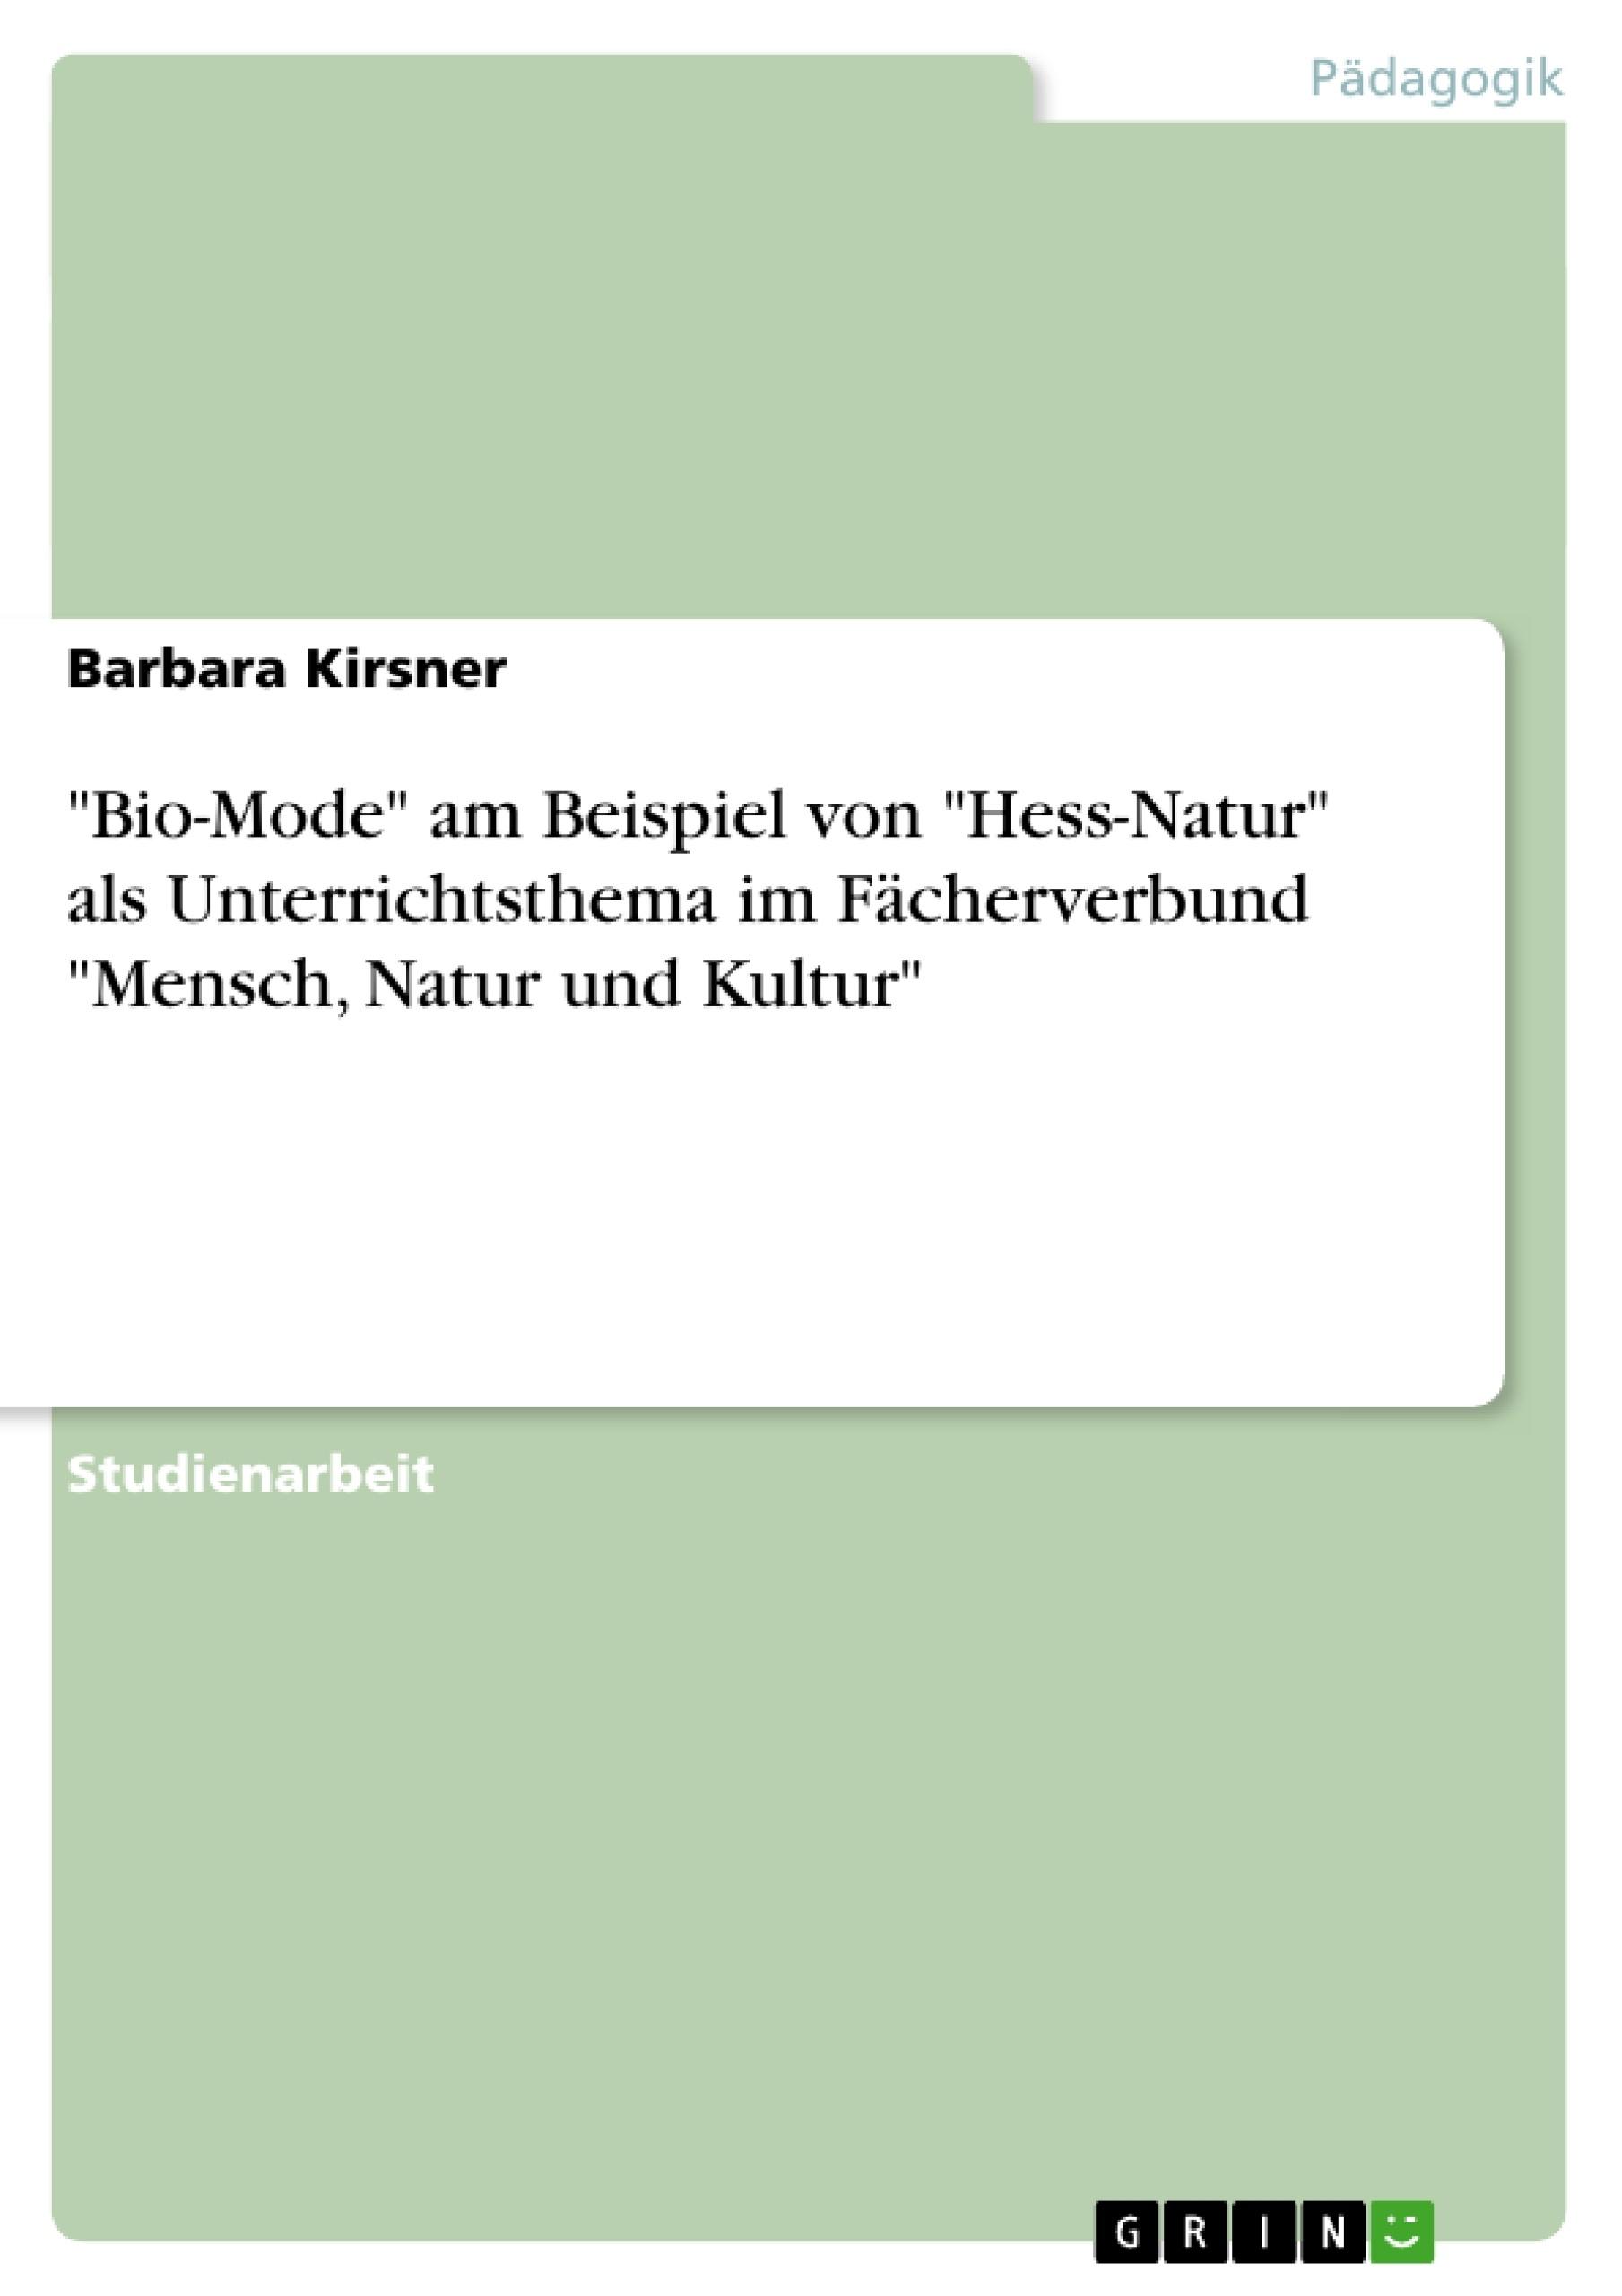 """Titel: """"Bio-Mode"""" am Beispiel von """"Hess-Natur"""" als Unterrichtsthema im Fächerverbund """"Mensch, Natur und Kultur"""""""